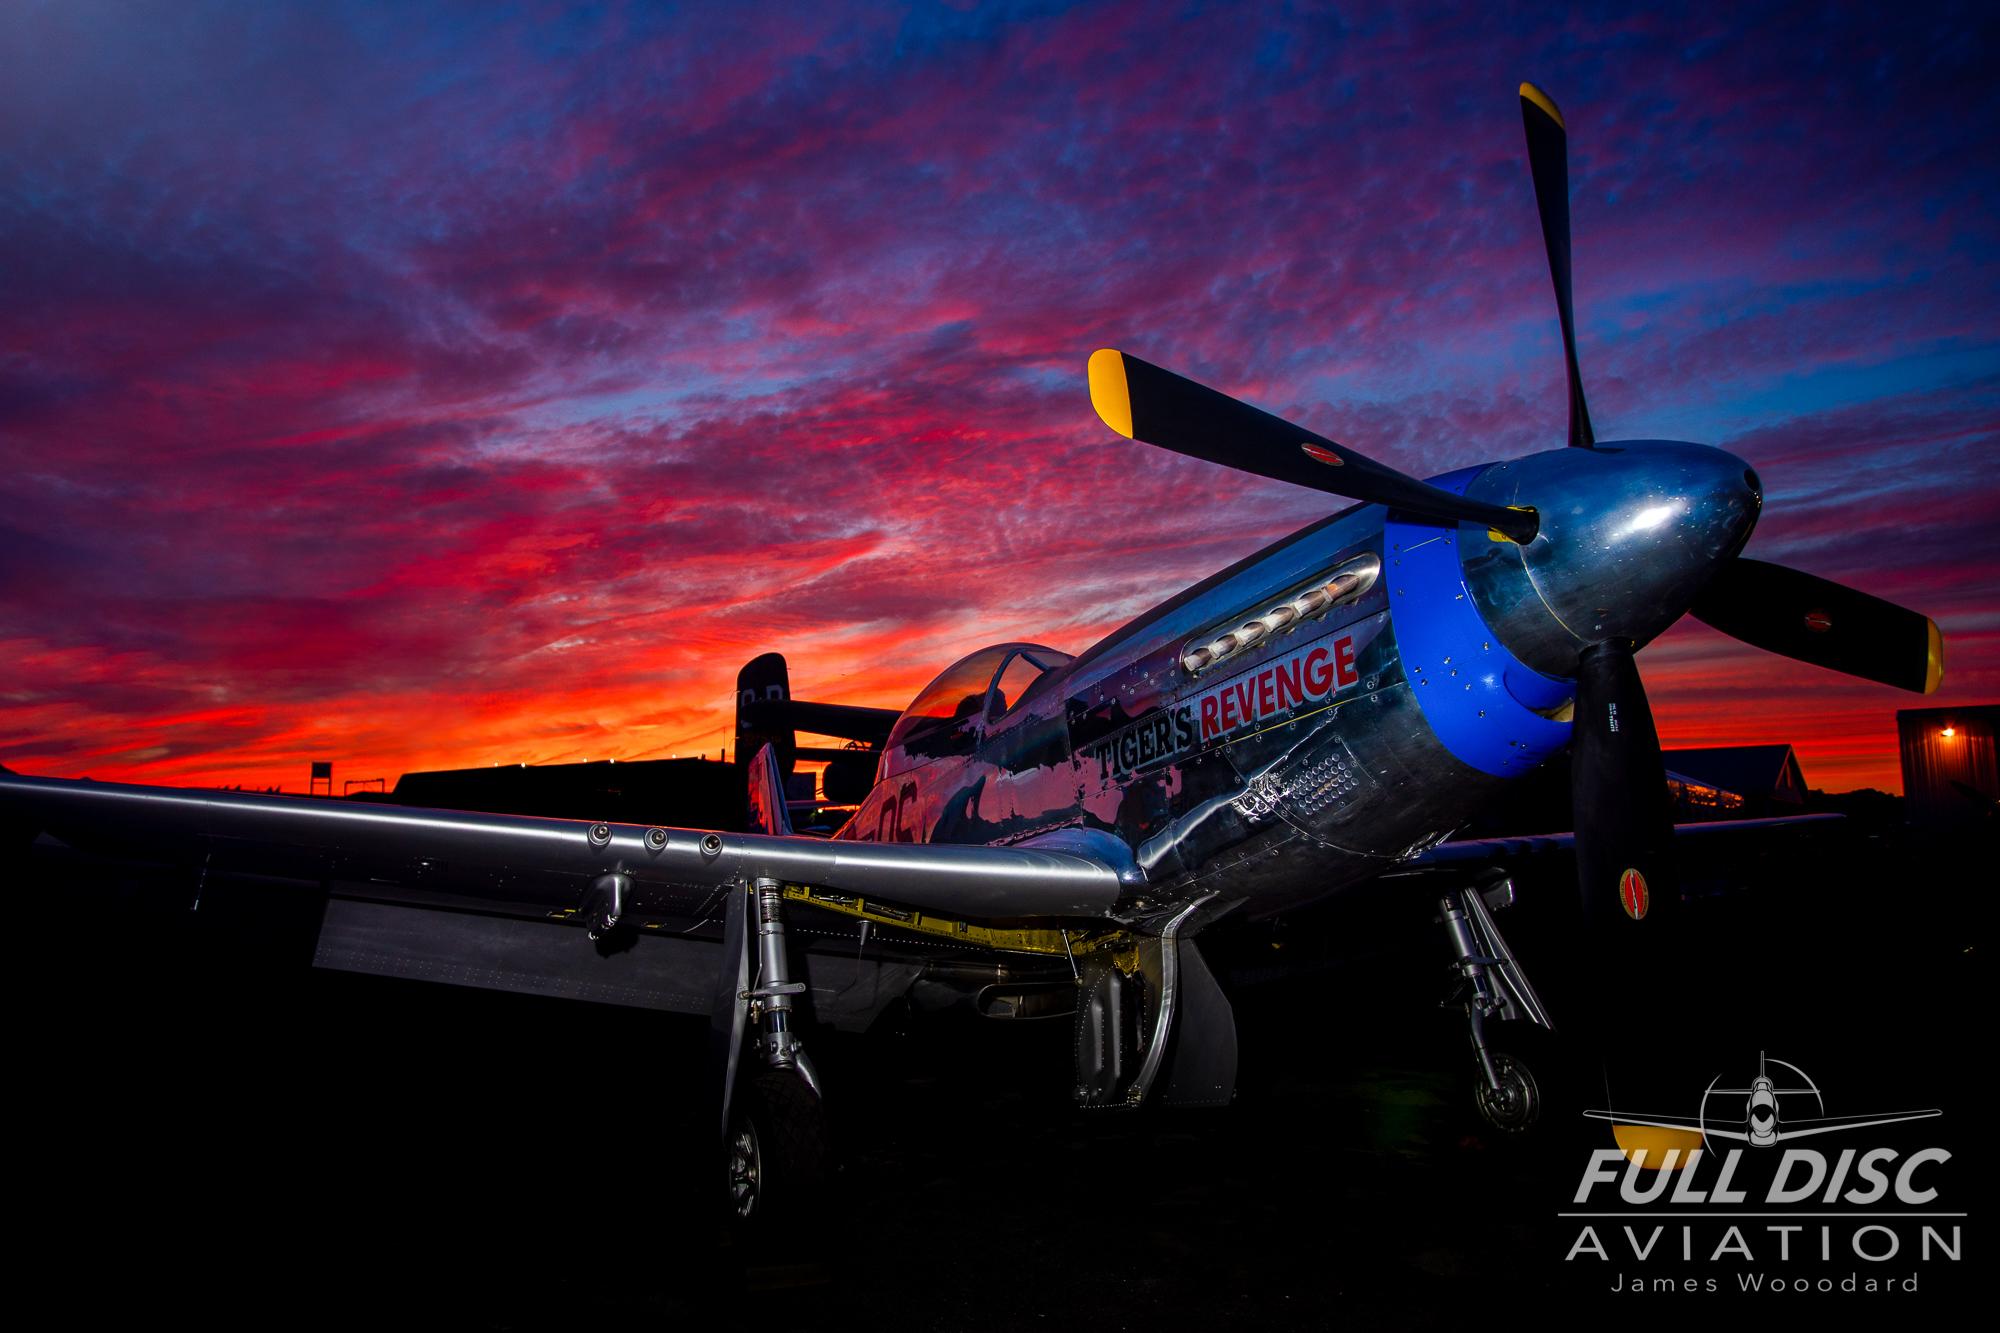 Sunset & Re-enactors -